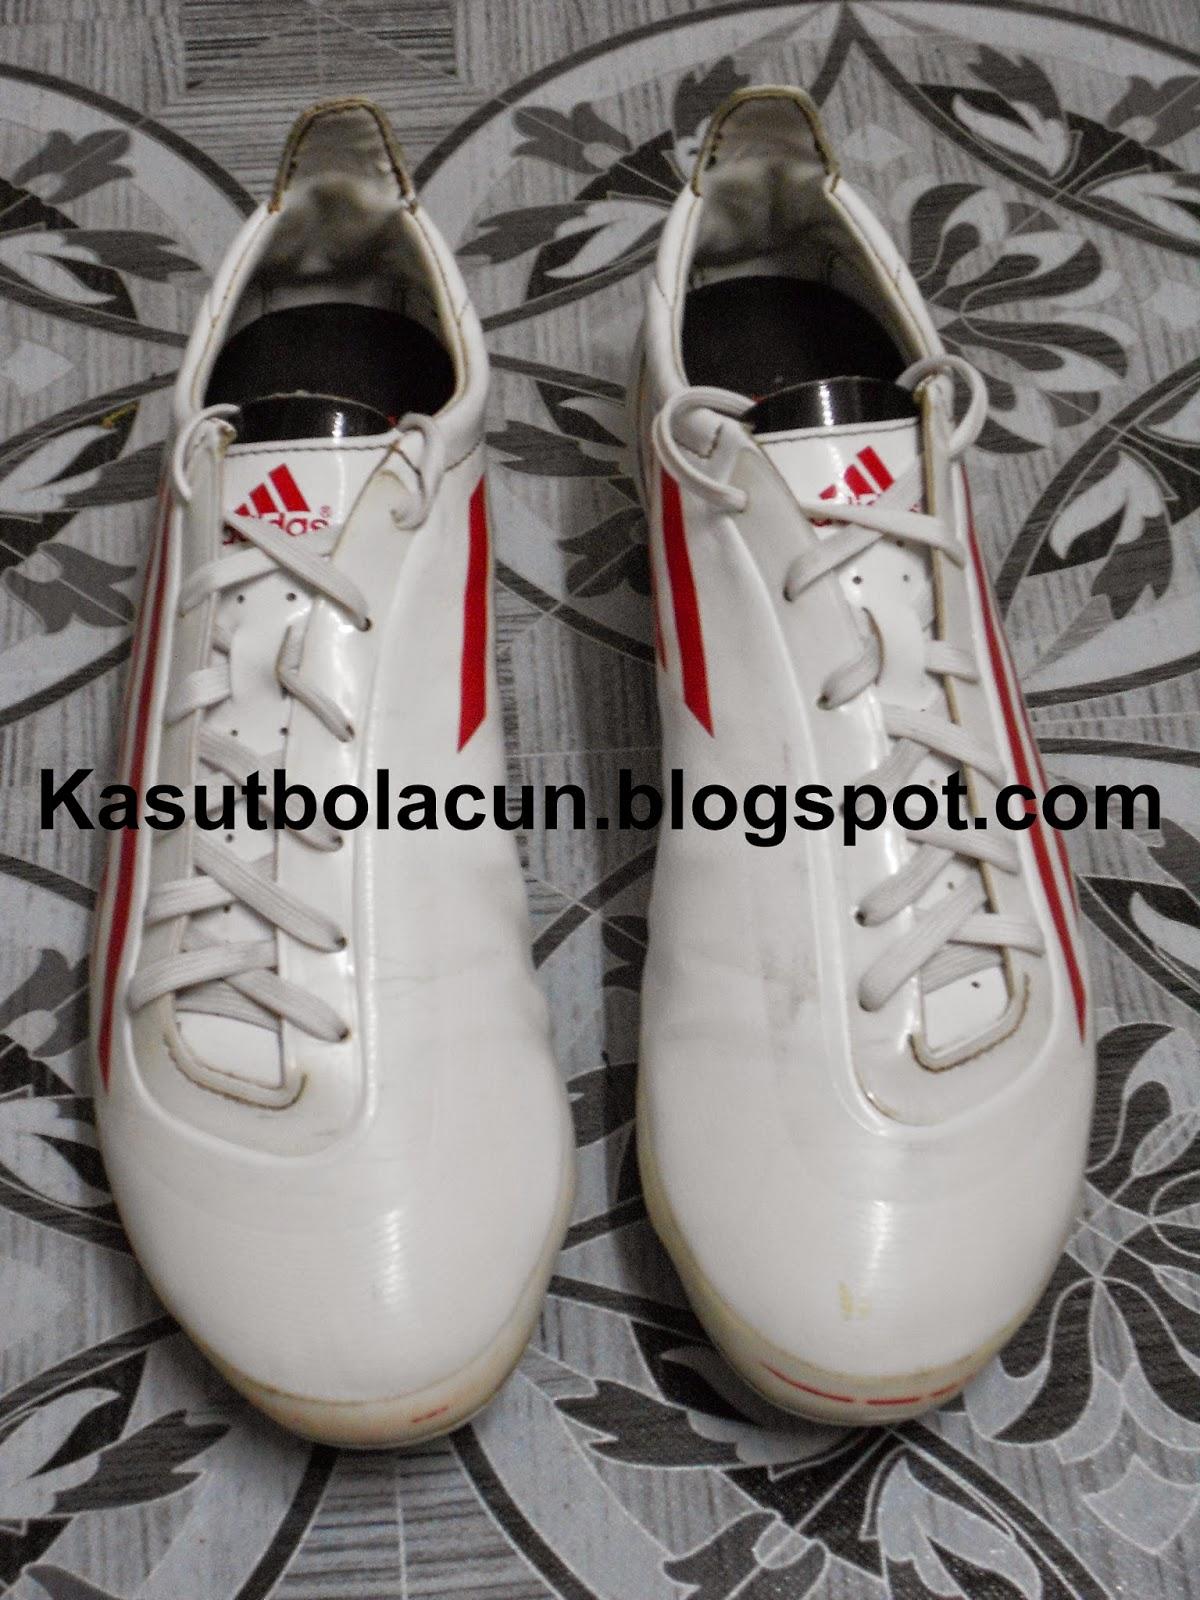 http://kasutbolacun.blogspot.com/2015/02/adidas-f50-adizero-rs7-1-sg.html